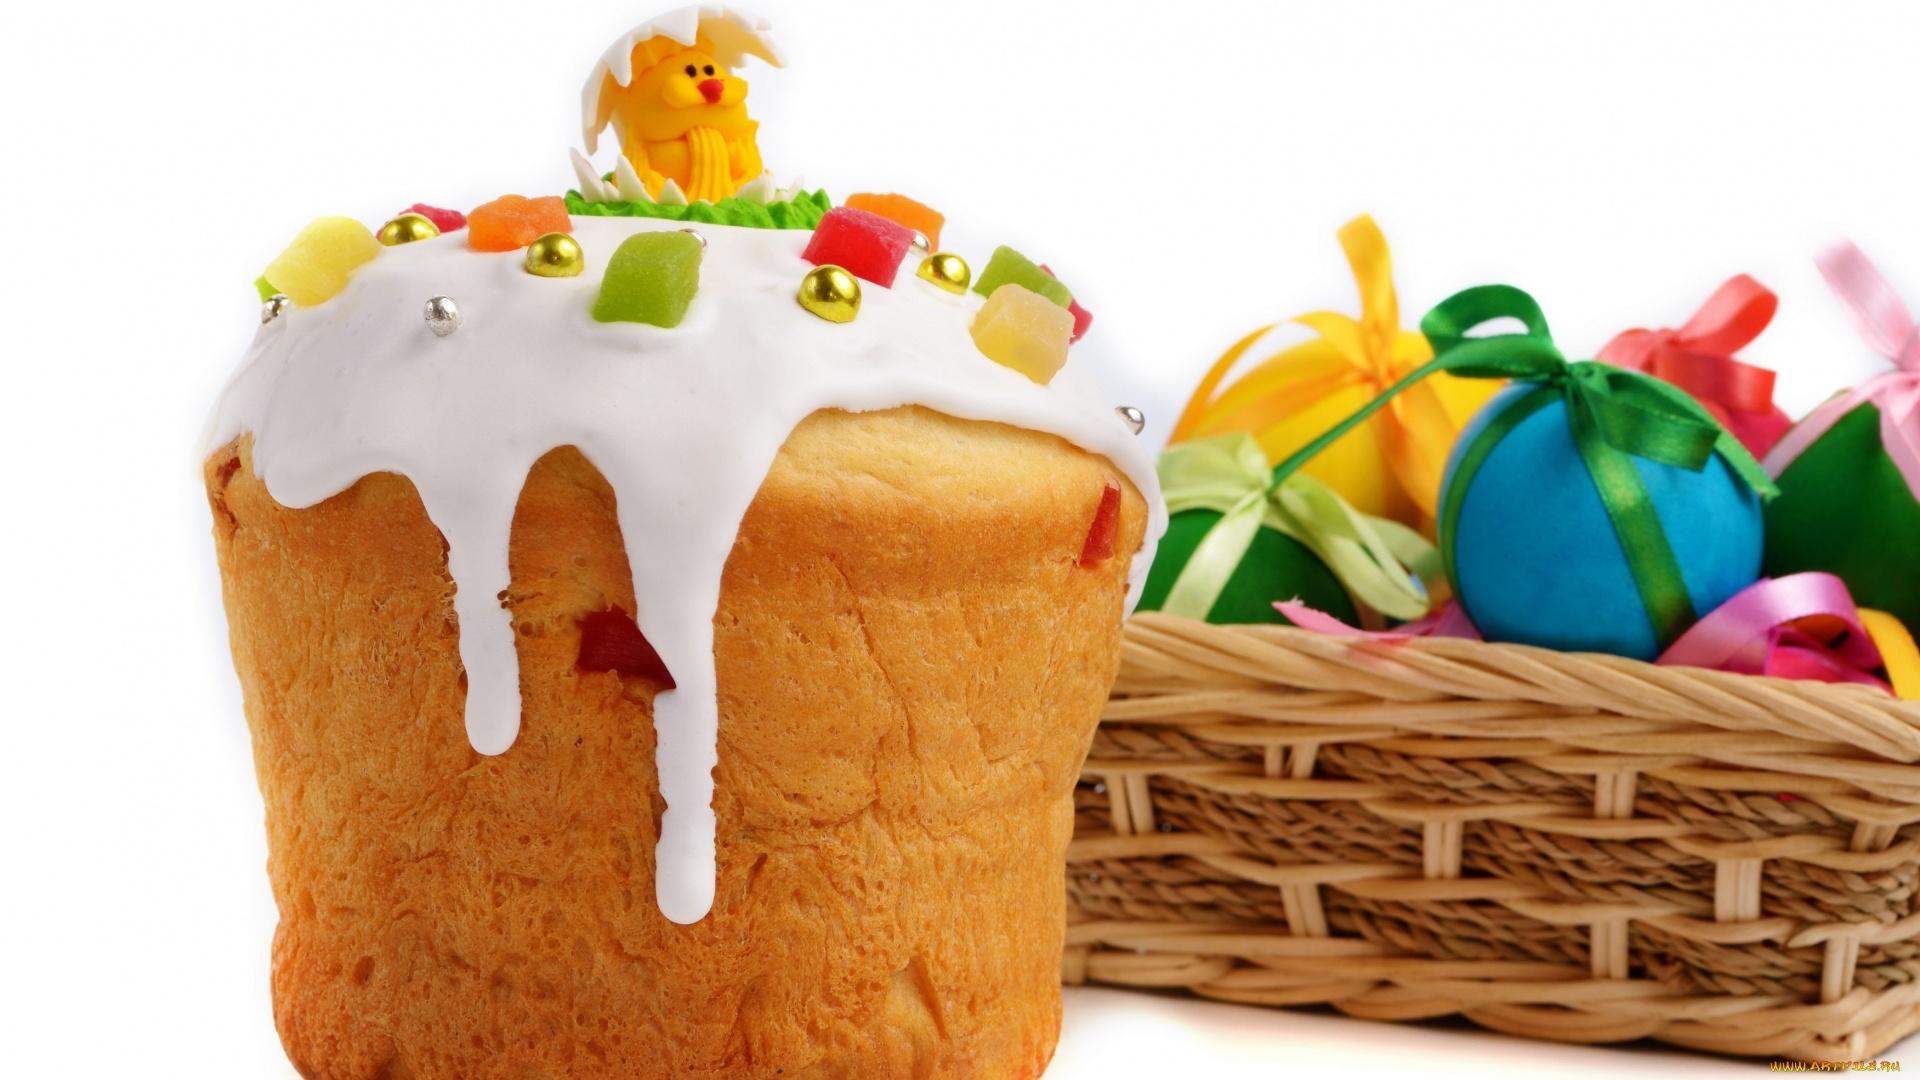 Easter Cake HD Wallpaper